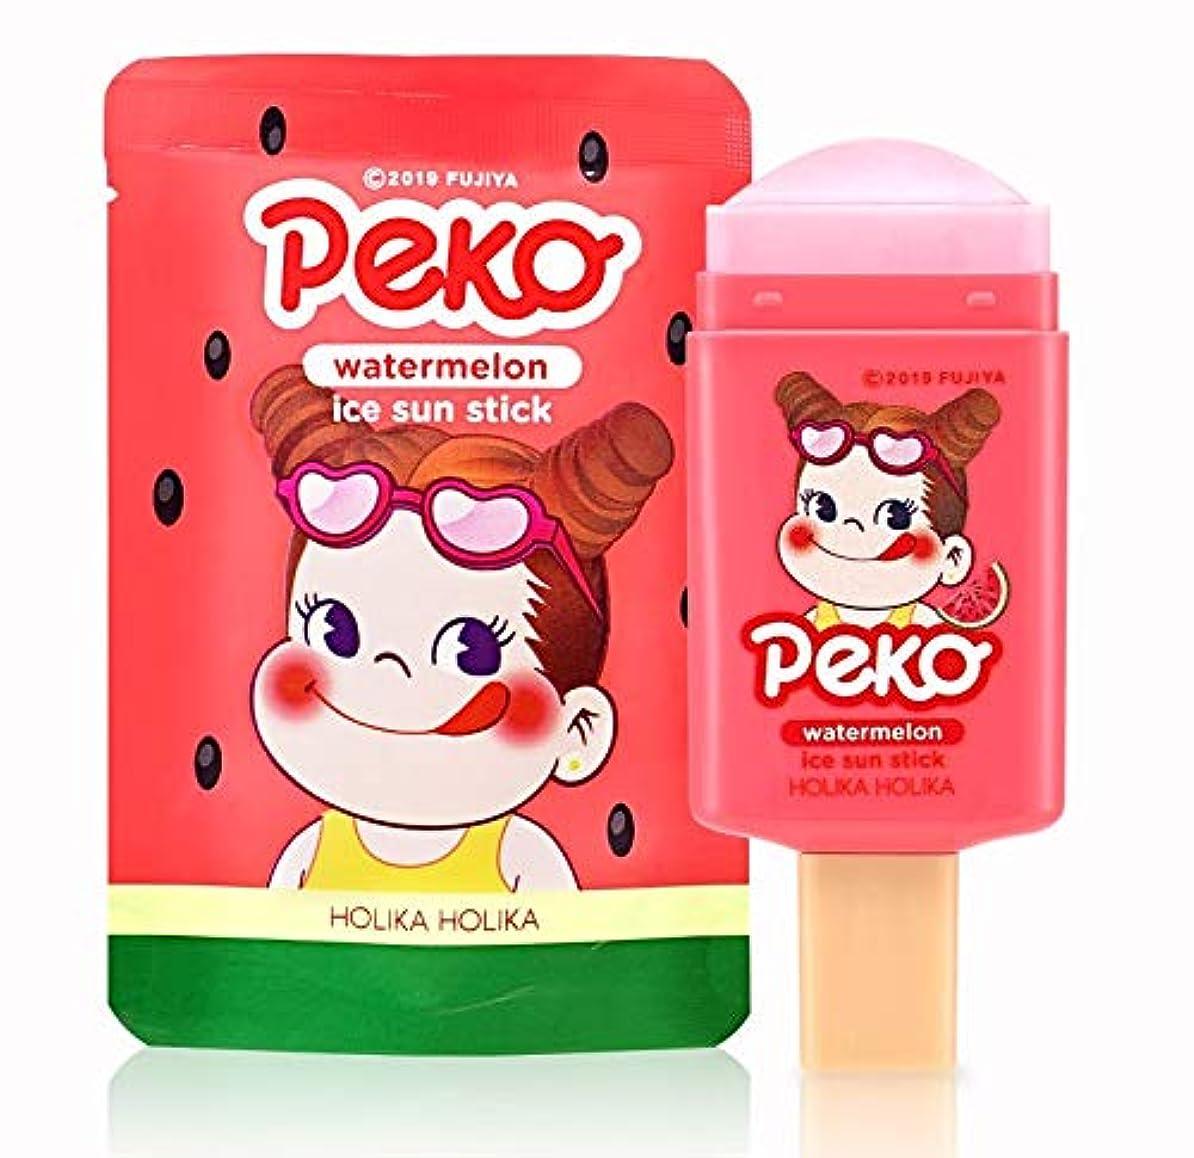 指通り滑りやすいホリカホリカ [スイートペコエディション] スイカ アイス サン スティック 14g / Holika Holika [Sweet Peko Edition] Watermellon Ice Sun Stick SPF50...